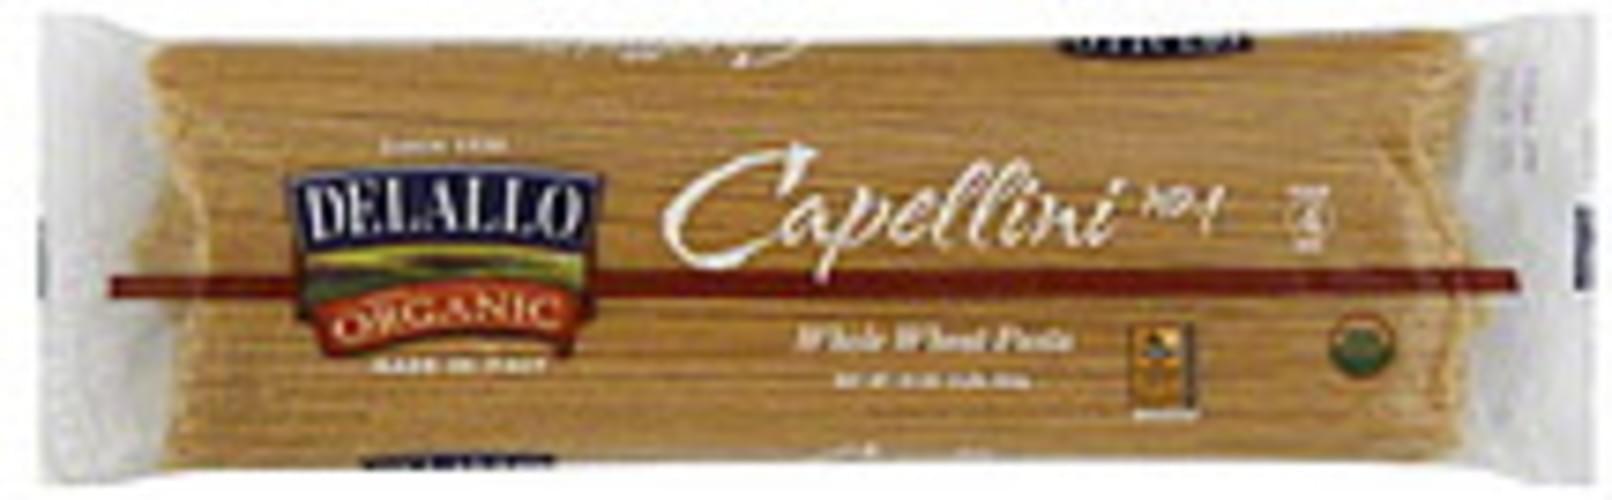 Delallo Capellini 16 Oz Pasta - 16 pkg